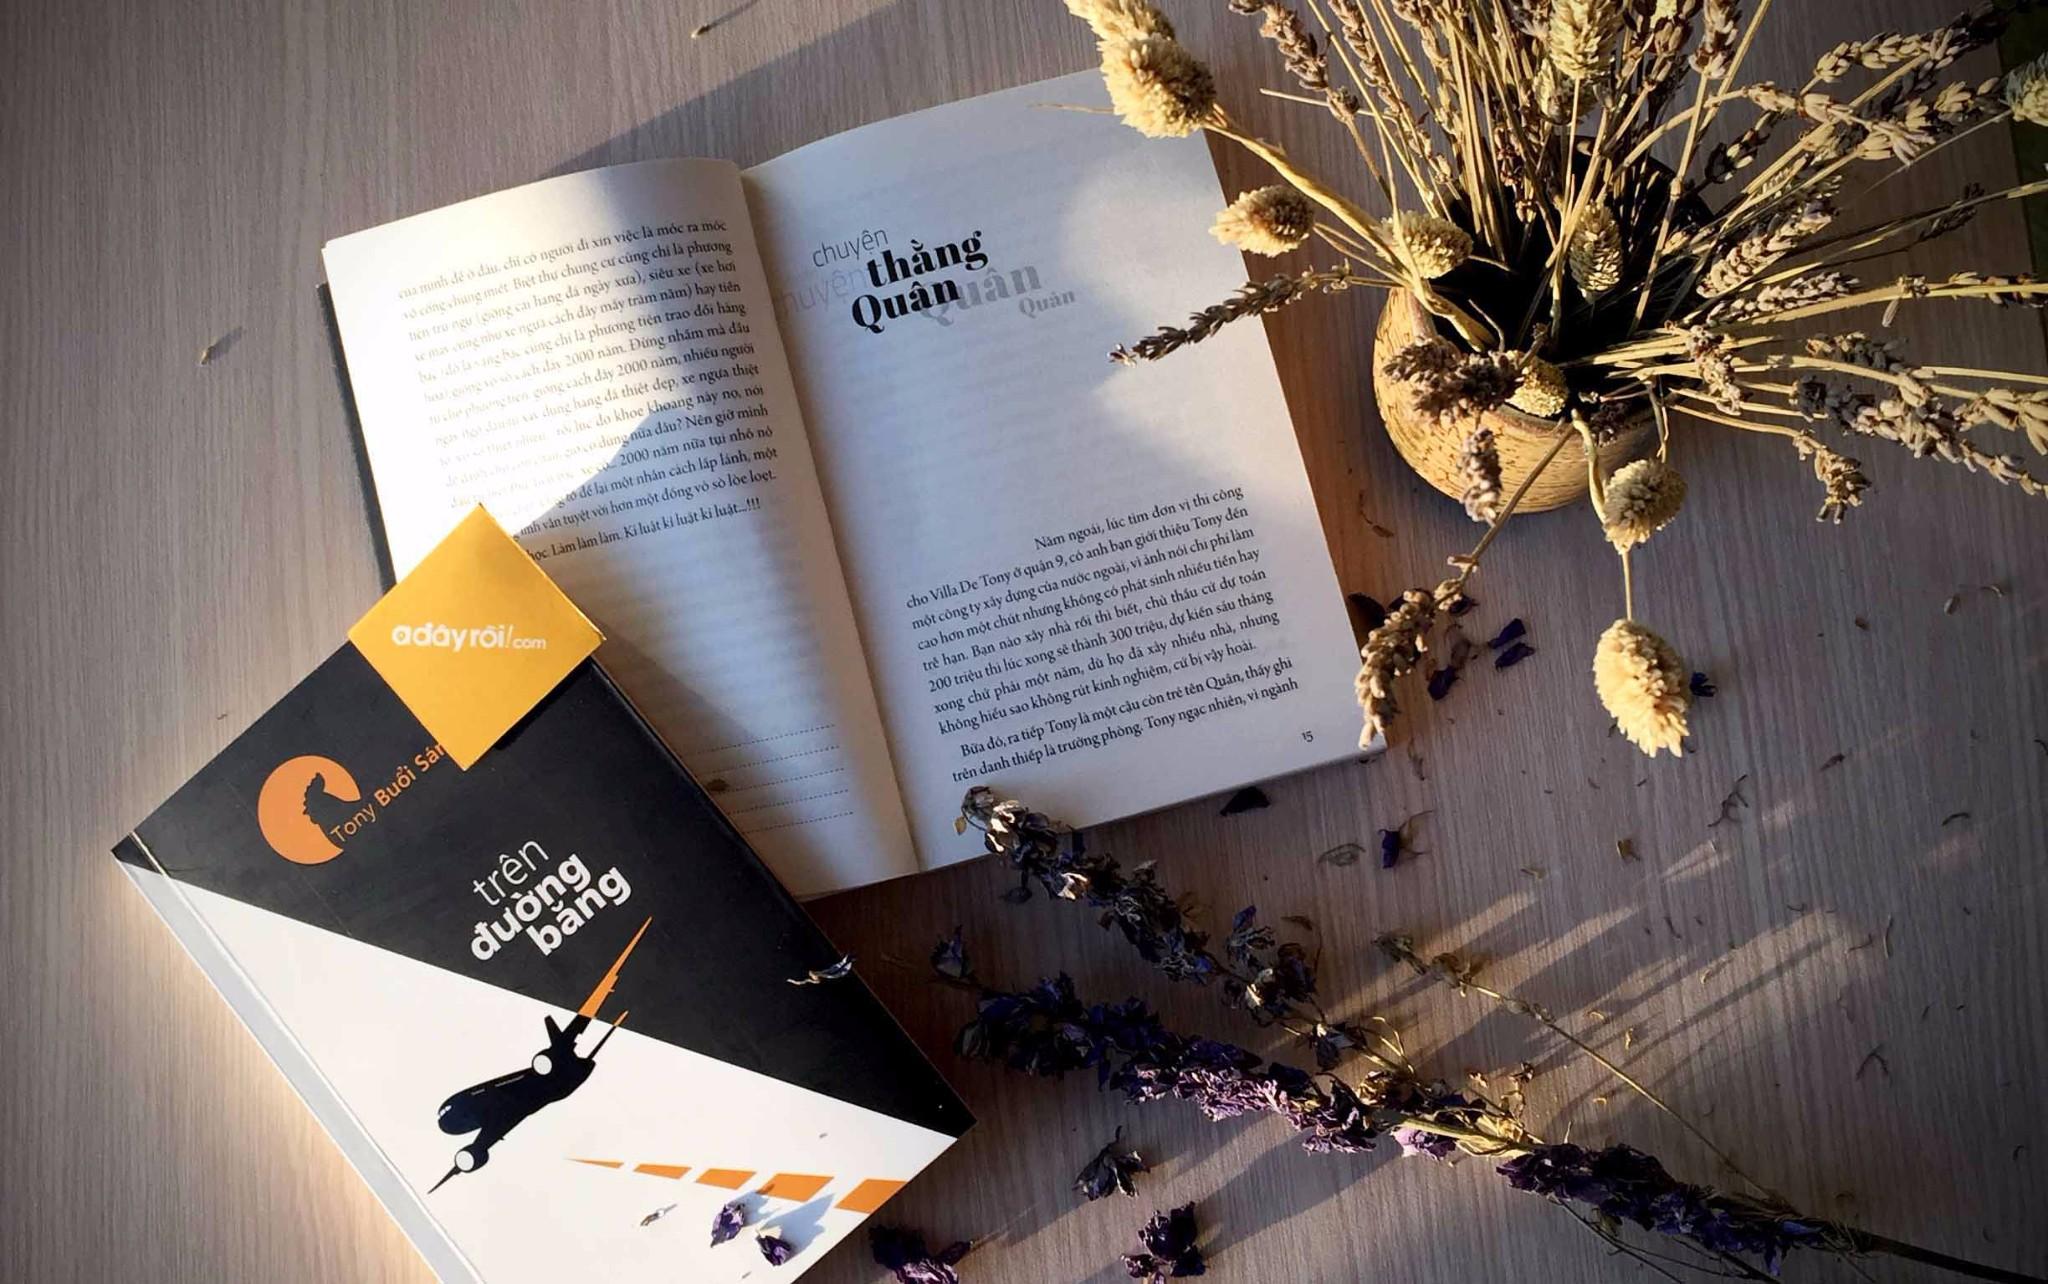 10 Cuốn Sách Hay Truyền Cảm Hứng Nhất Cho Các Bạn Trẻ